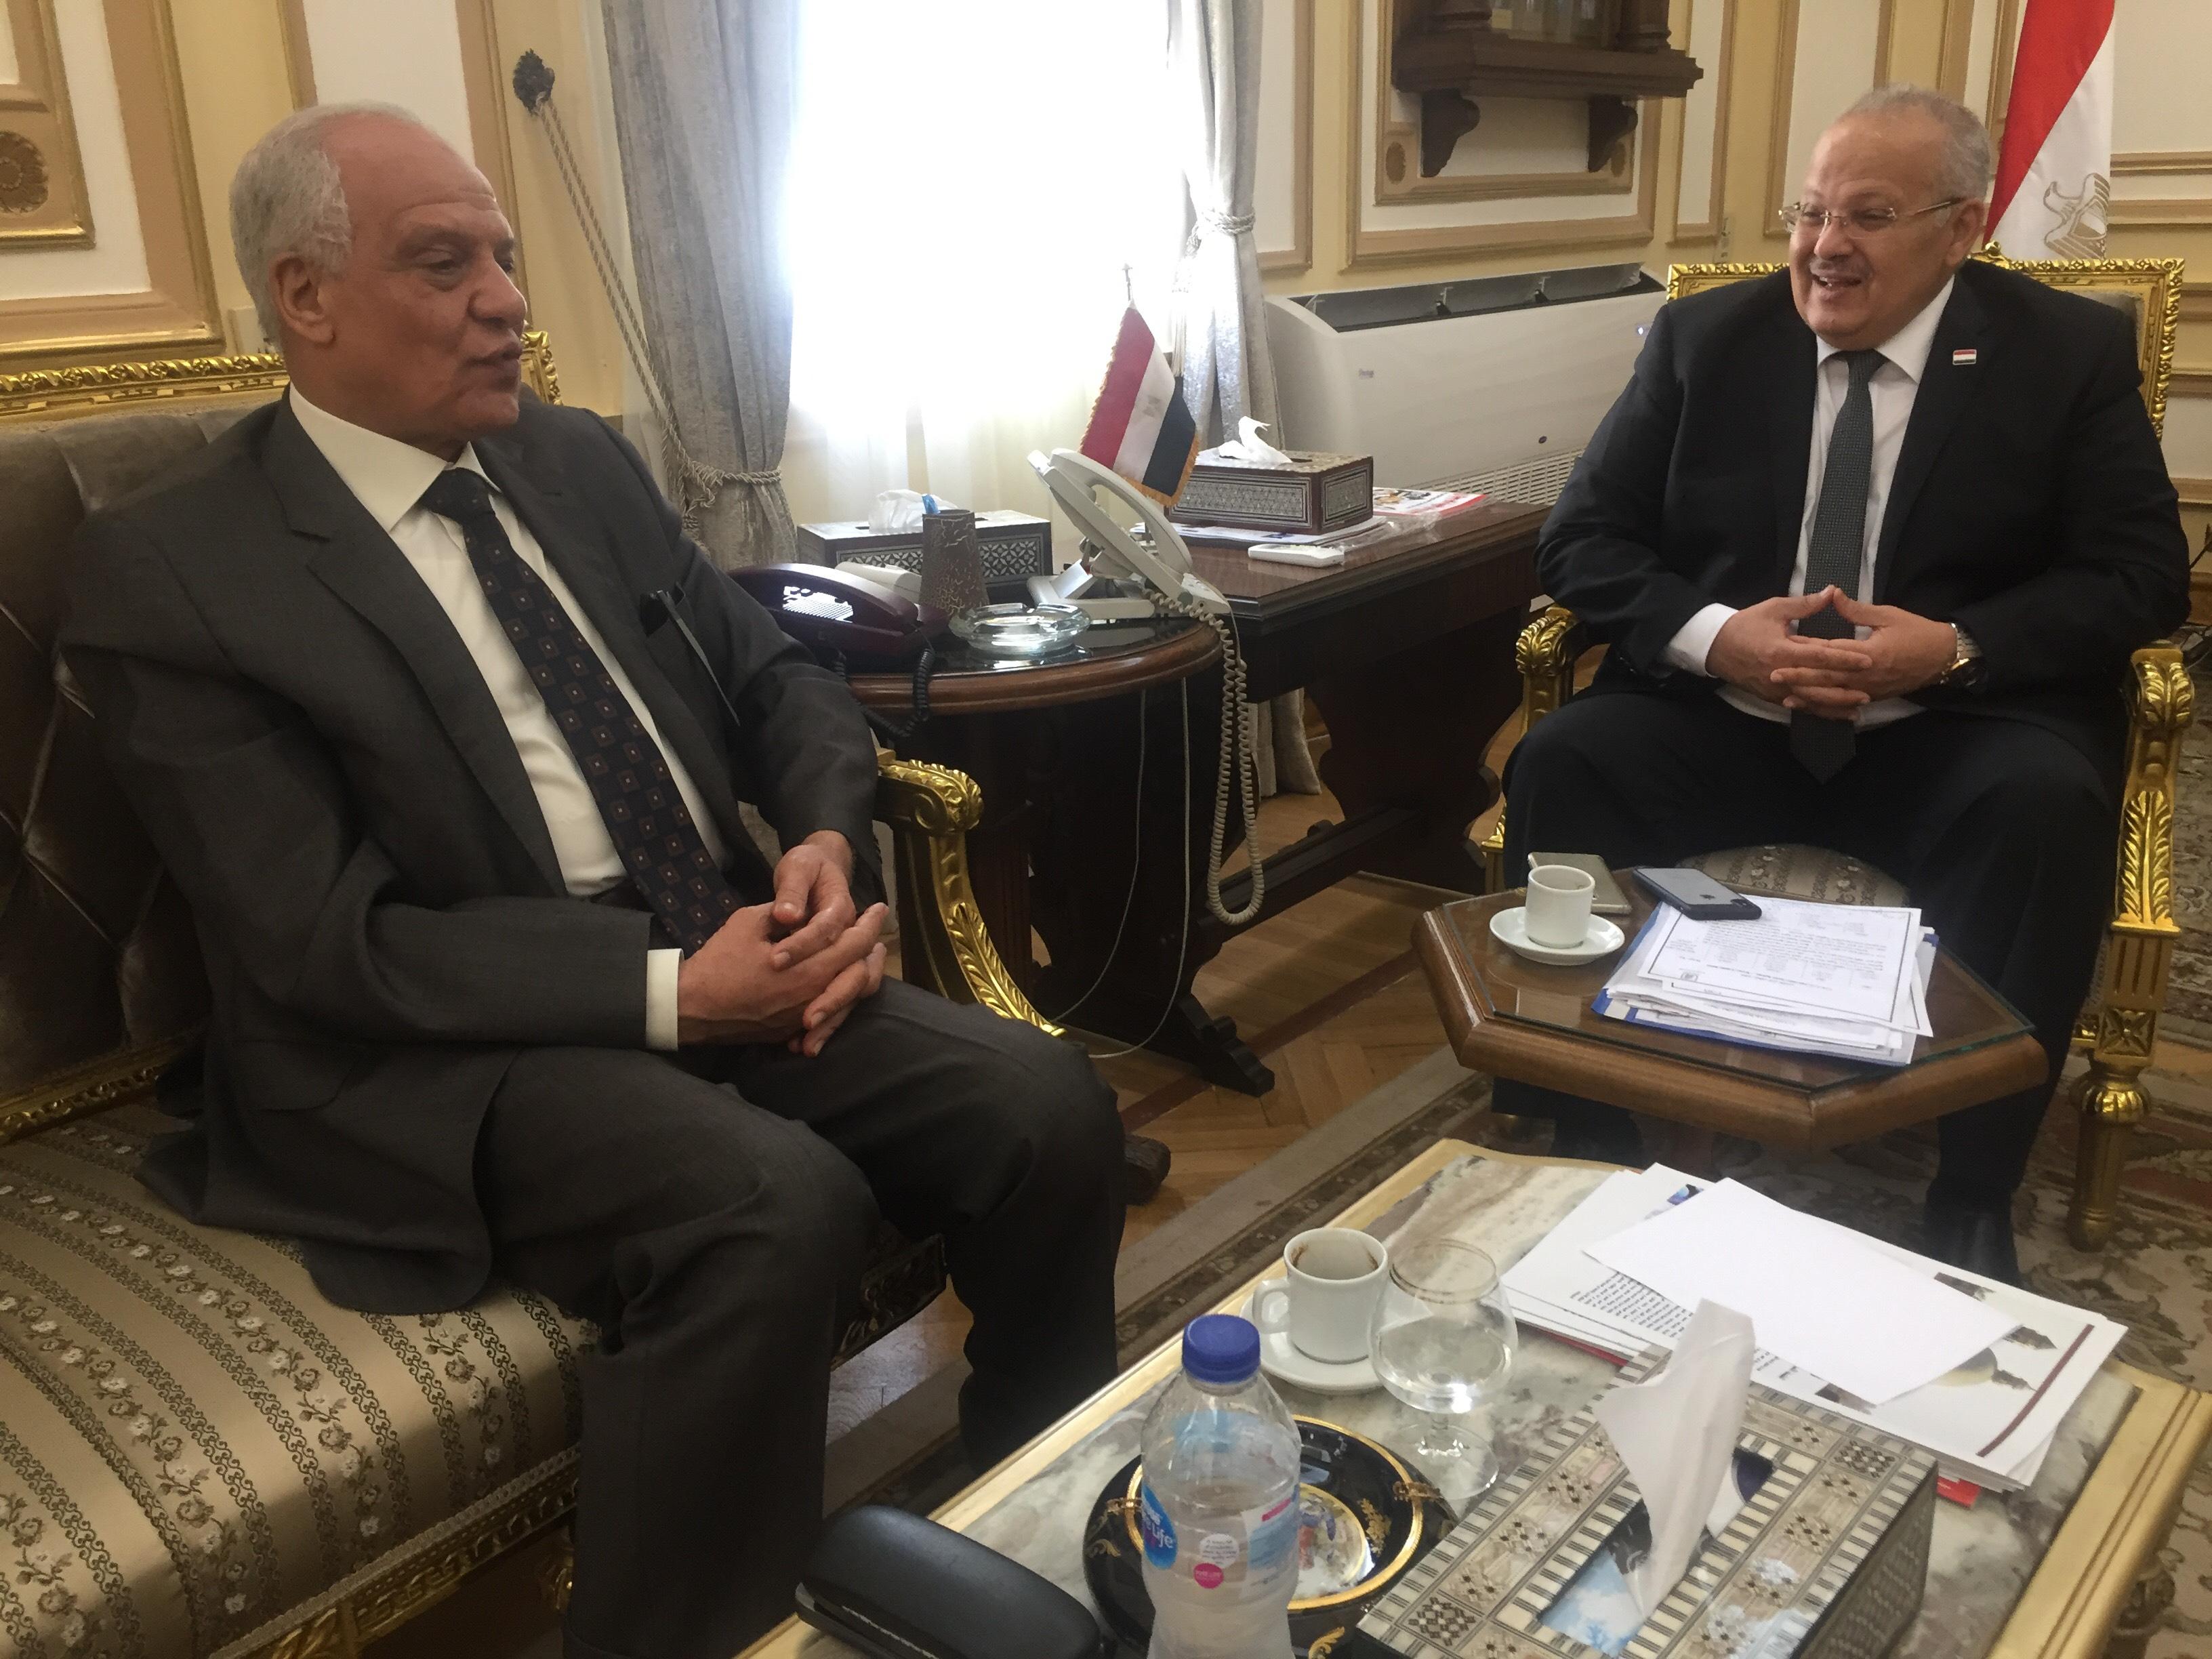 . رئيس جامعة القاهرة يستقبل محافظ الجيزة بمكتبه لبحث استعدادات العام الدراسى الجديد (3)